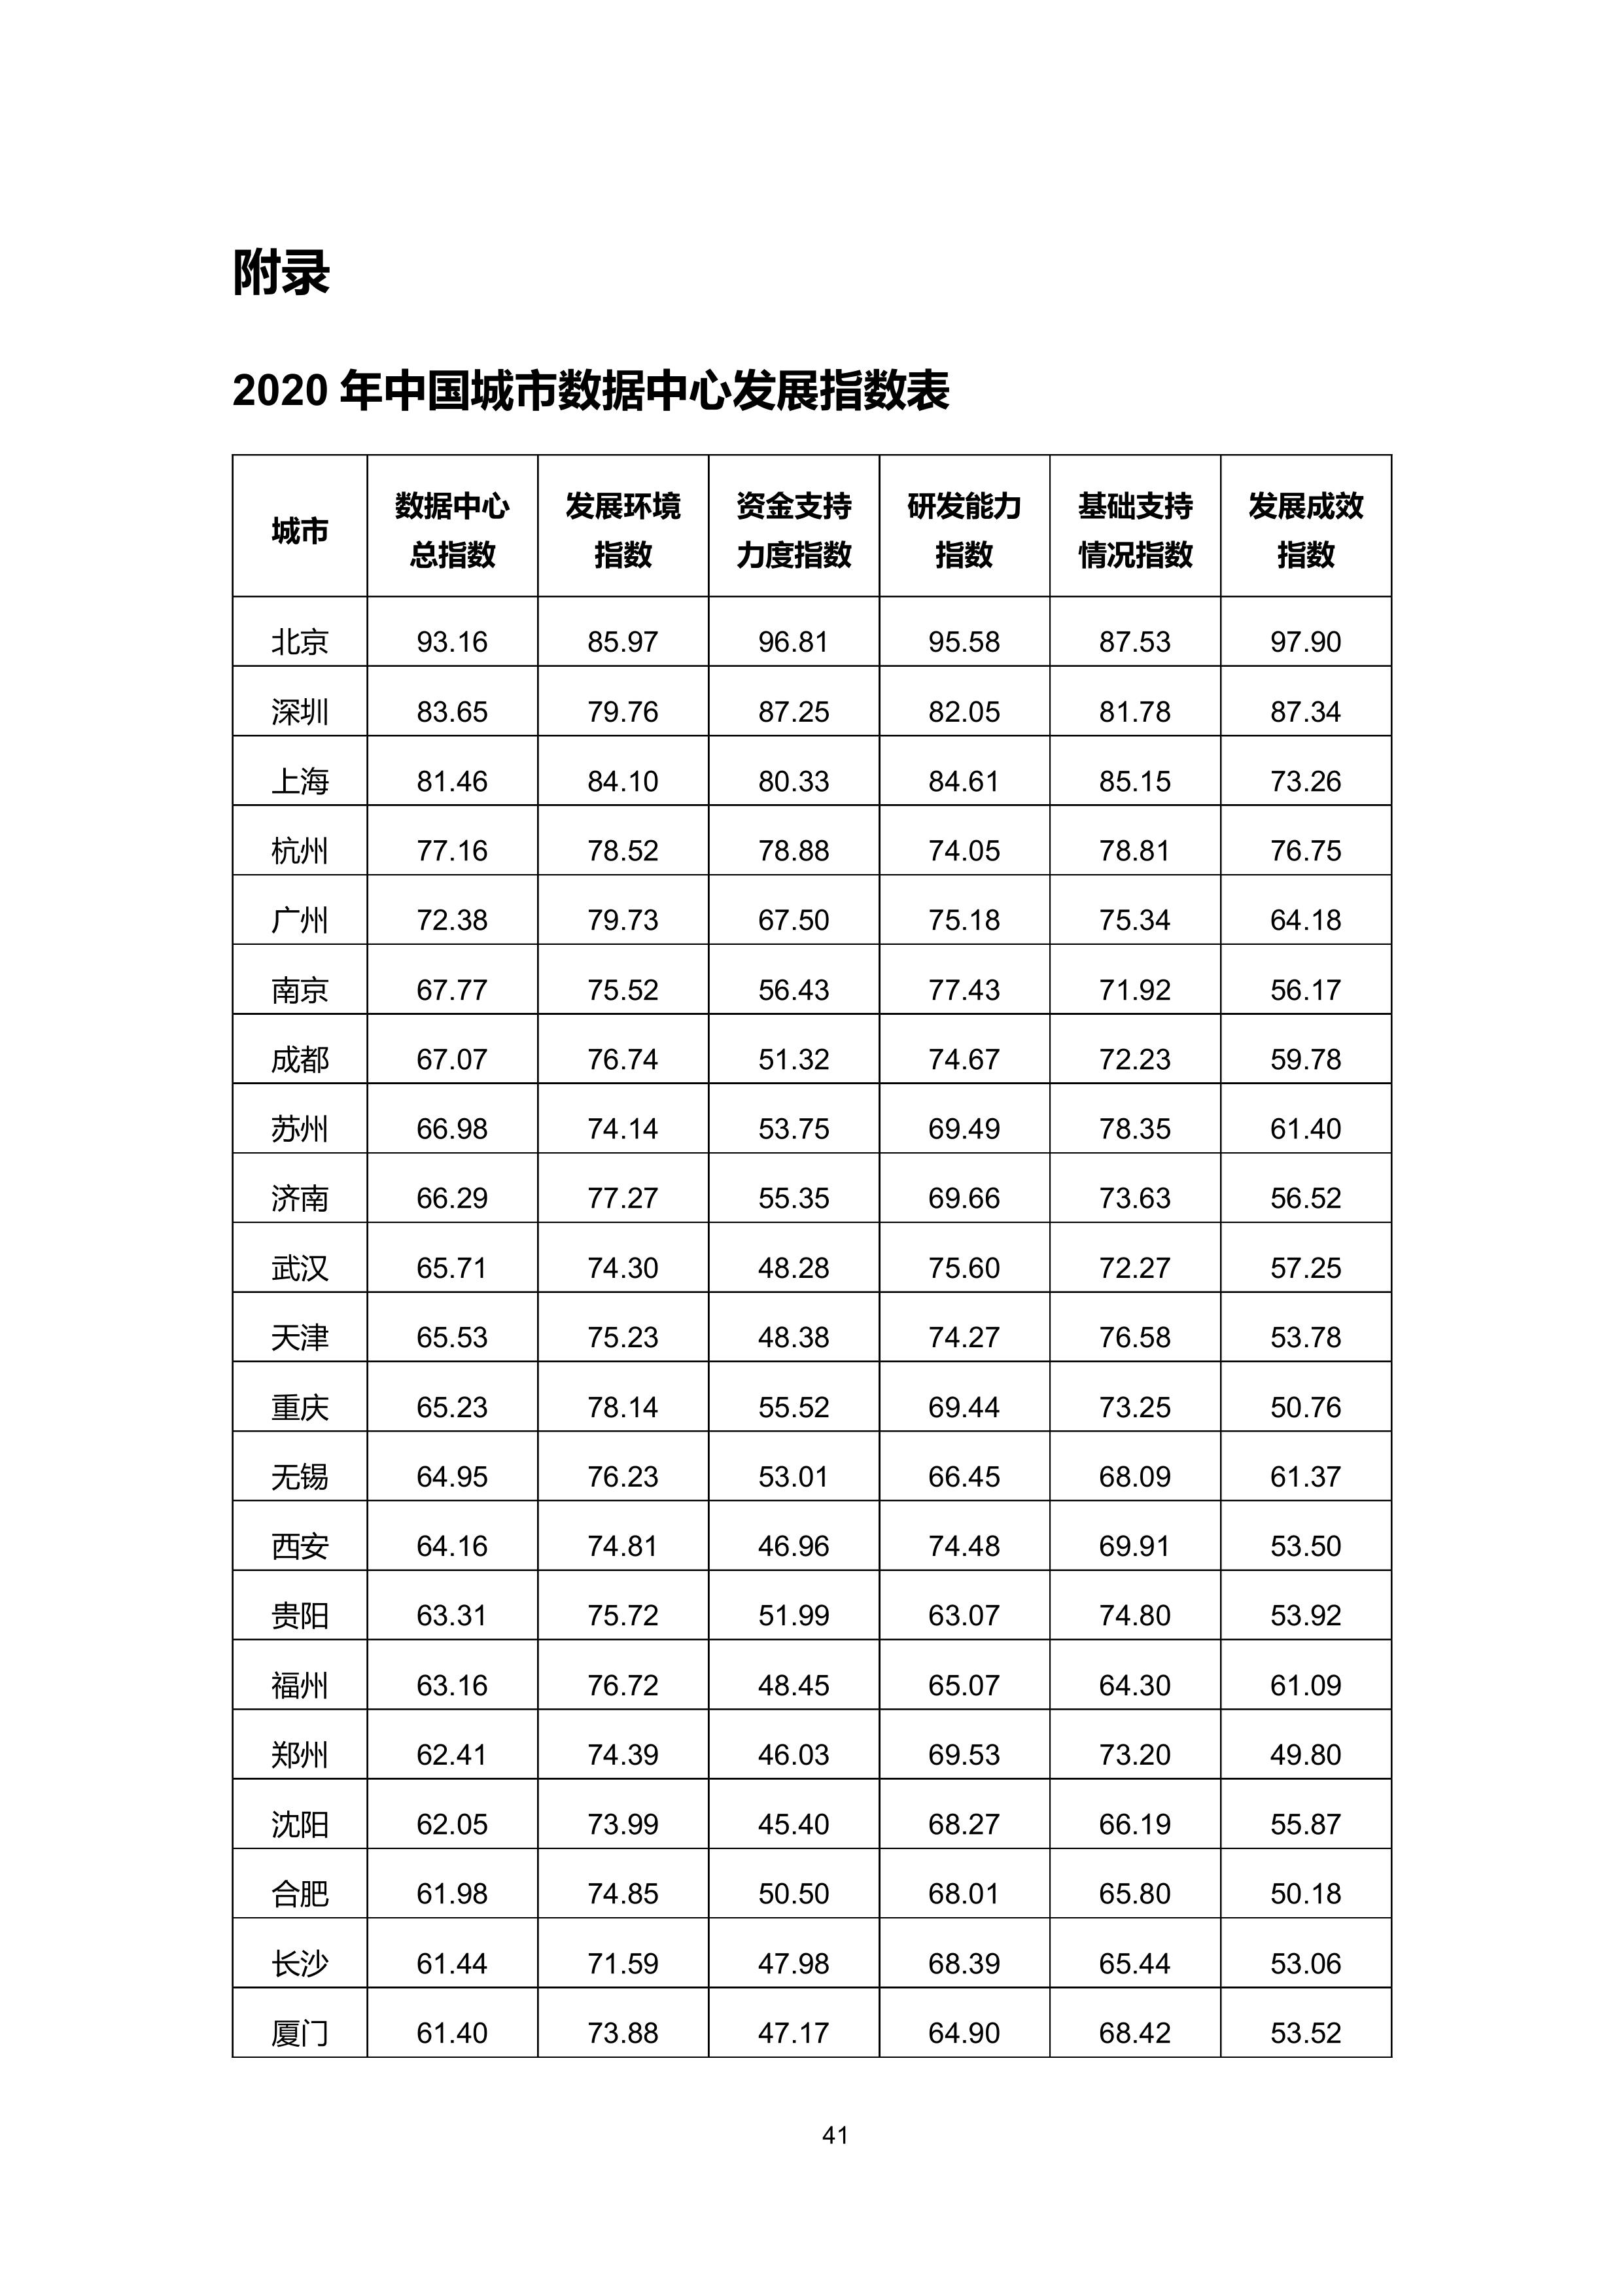 36氪研究院 - 新基建系列之:2020年中国城市数据中心发展指数报告-大菠萝官网(图52)